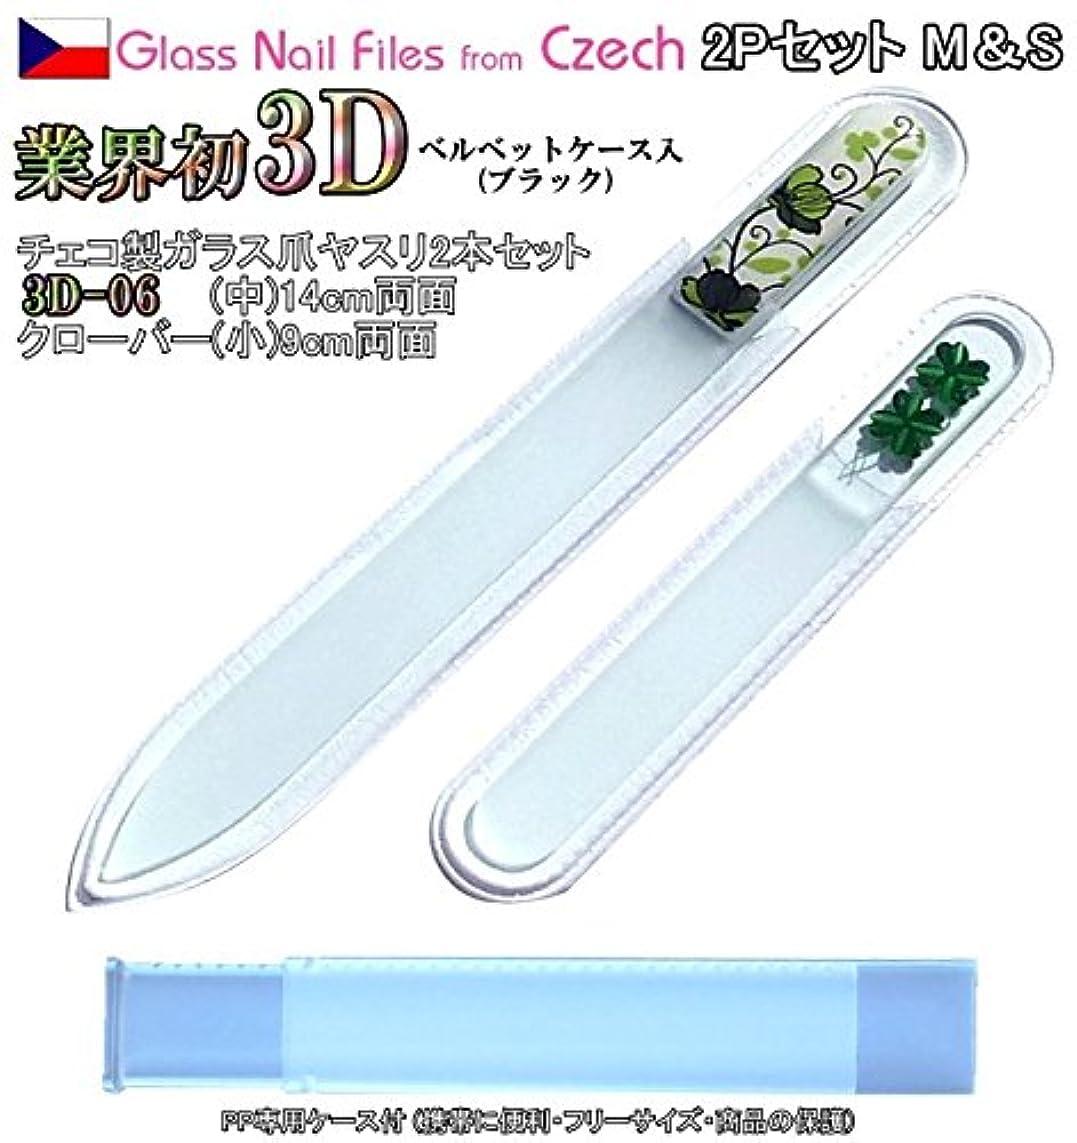 節約演劇欲求不満BISON 3D チェコ製ガラス爪ヤスリ 2Pセット M06&Sクローバー各両面仕上げ ?専用ケース付